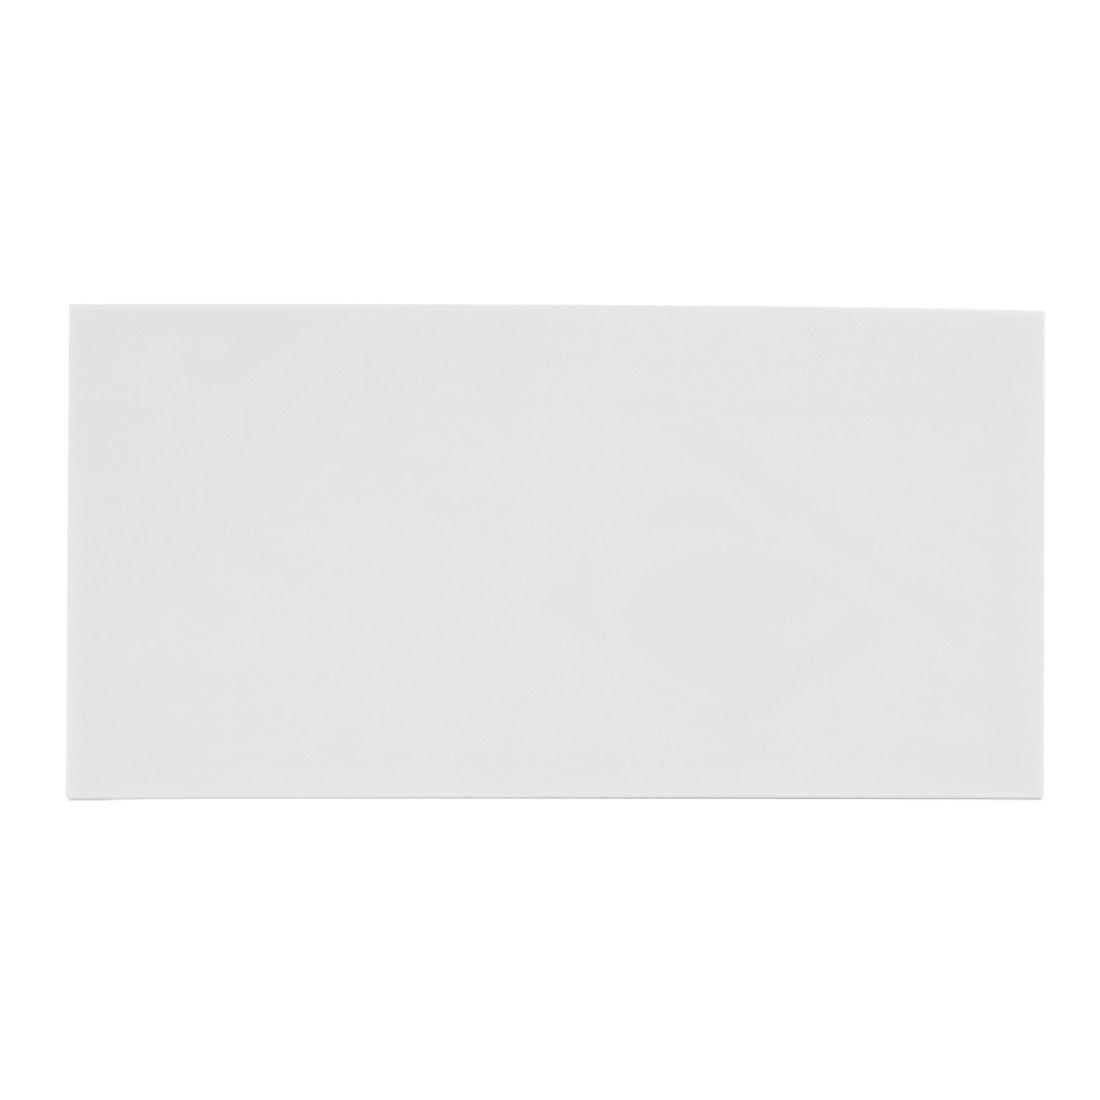 En plastique blanc acrylique Plexiglas Cut Sheet A3 Taille 297mm x 420mm x 2mm